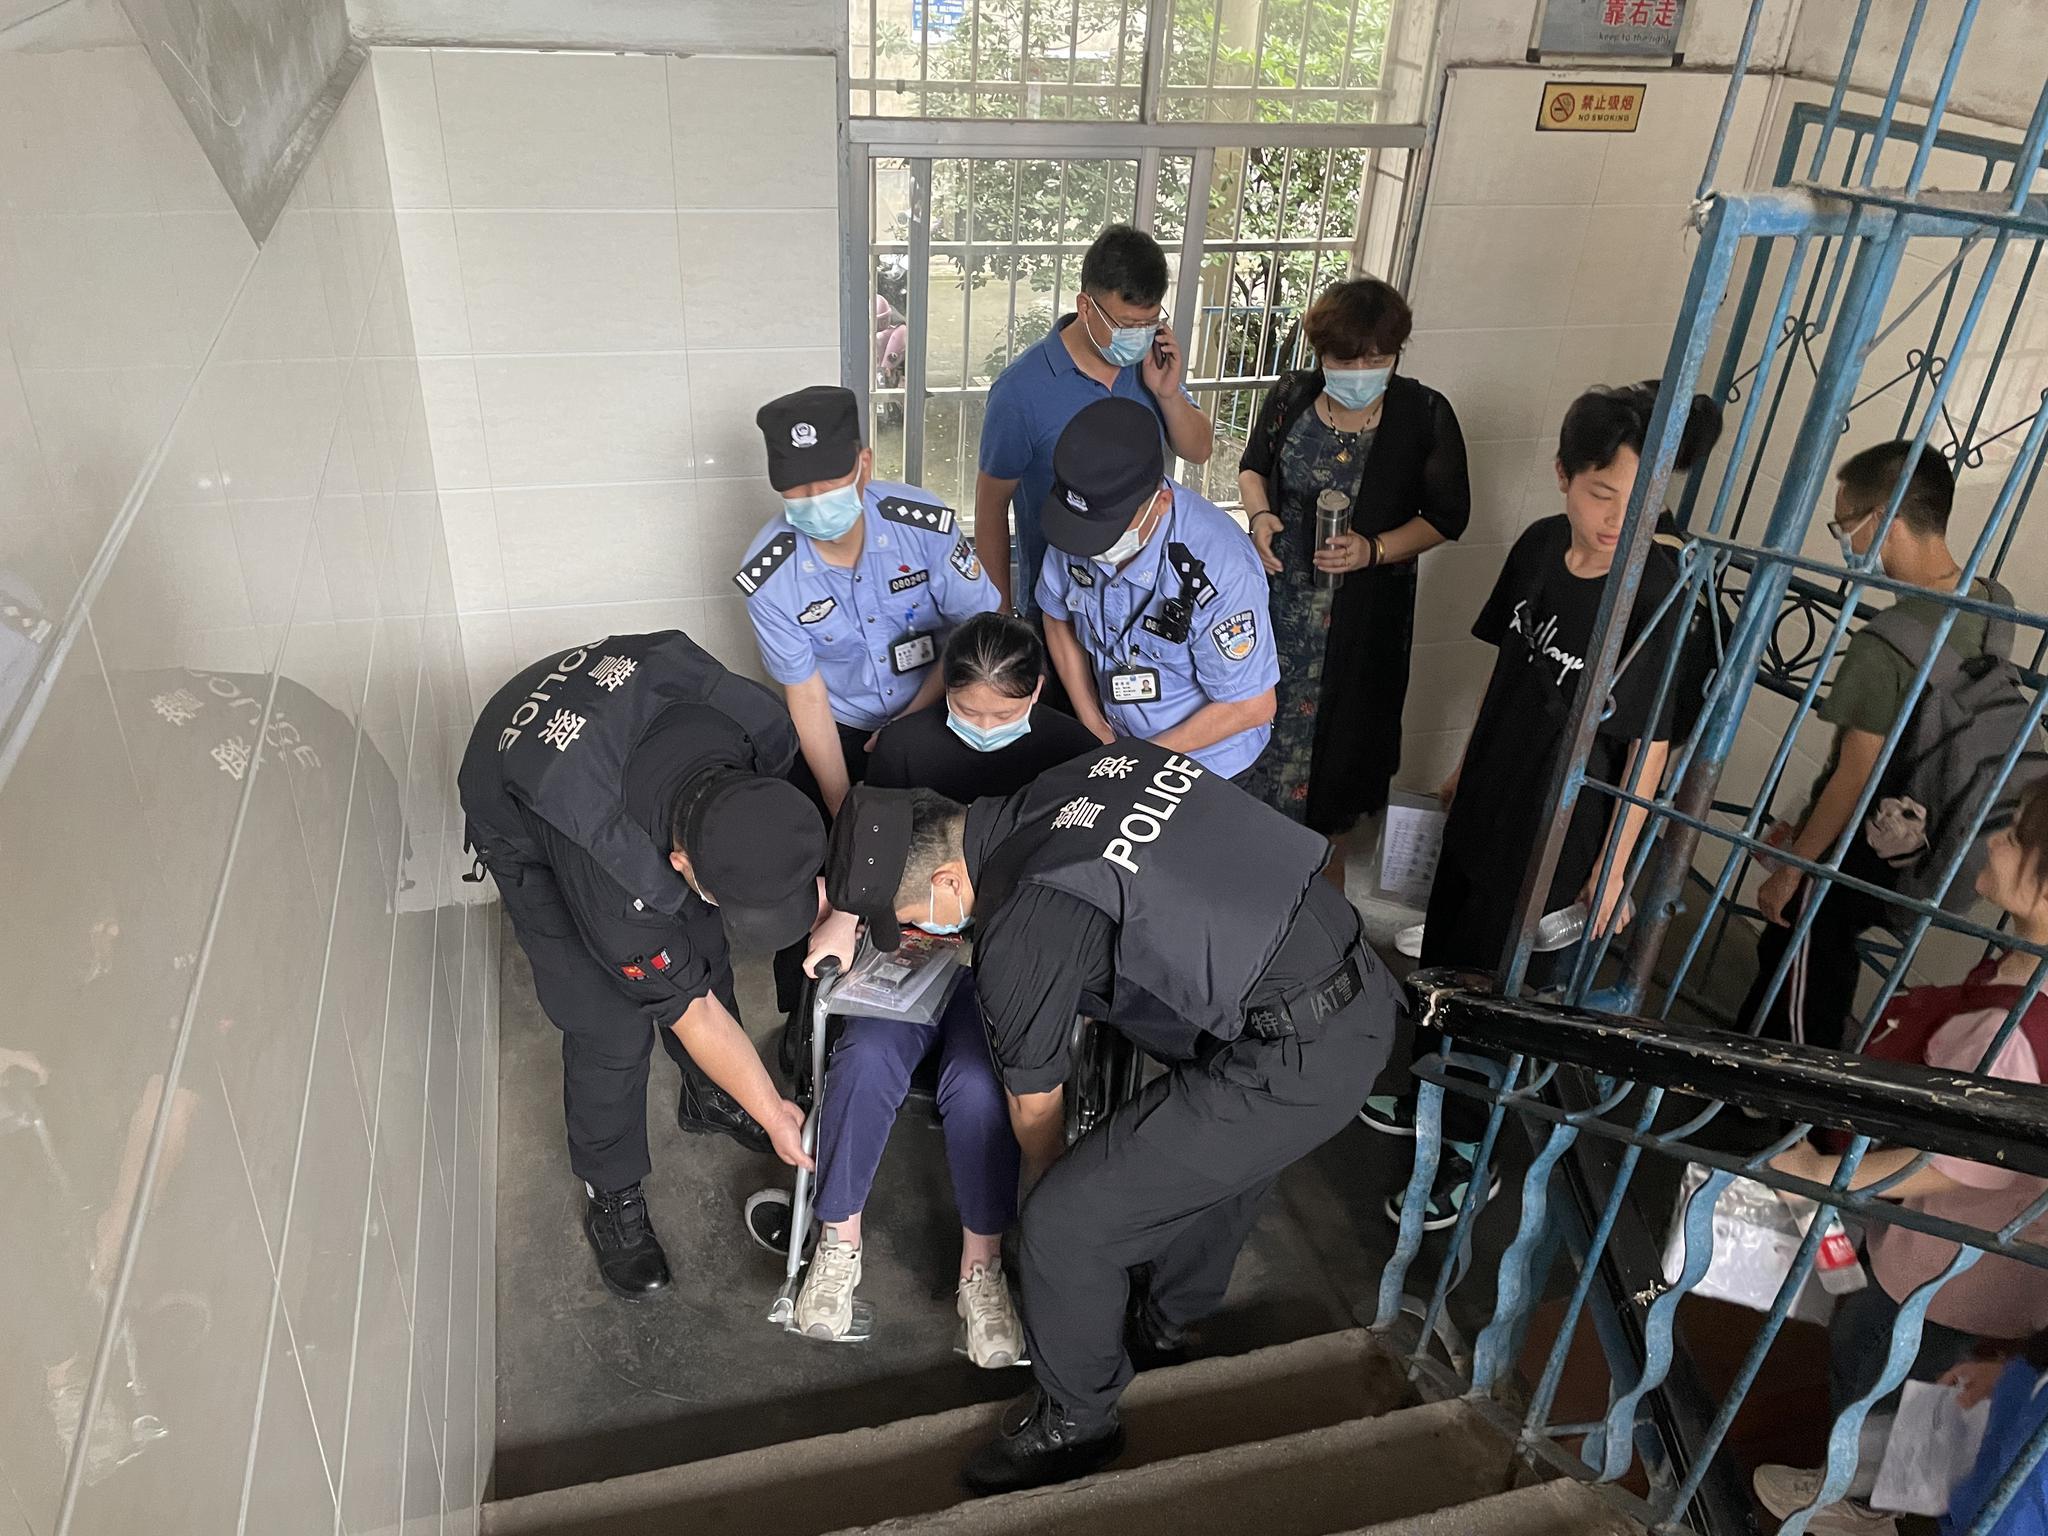 怀化女生车祸受伤,坐轮椅参加考试,民警全程抬送